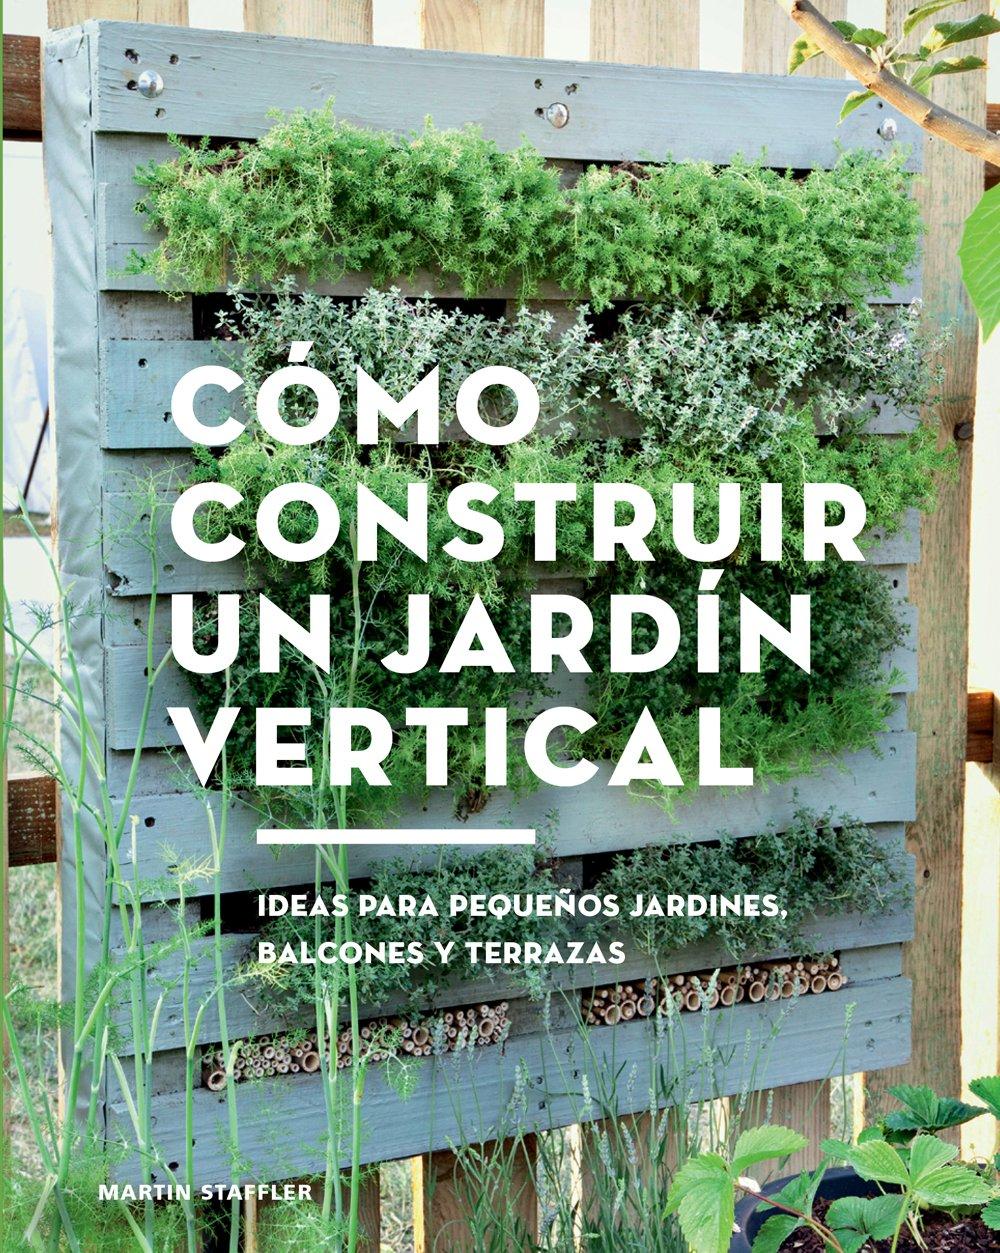 Cómo construir un jardín vertical. Ideas para pequeños jardines, balcones y terrazas GGDiy: Amazon.es: Staffler, Martin, Martín Lorenzo, Teresa: Libros